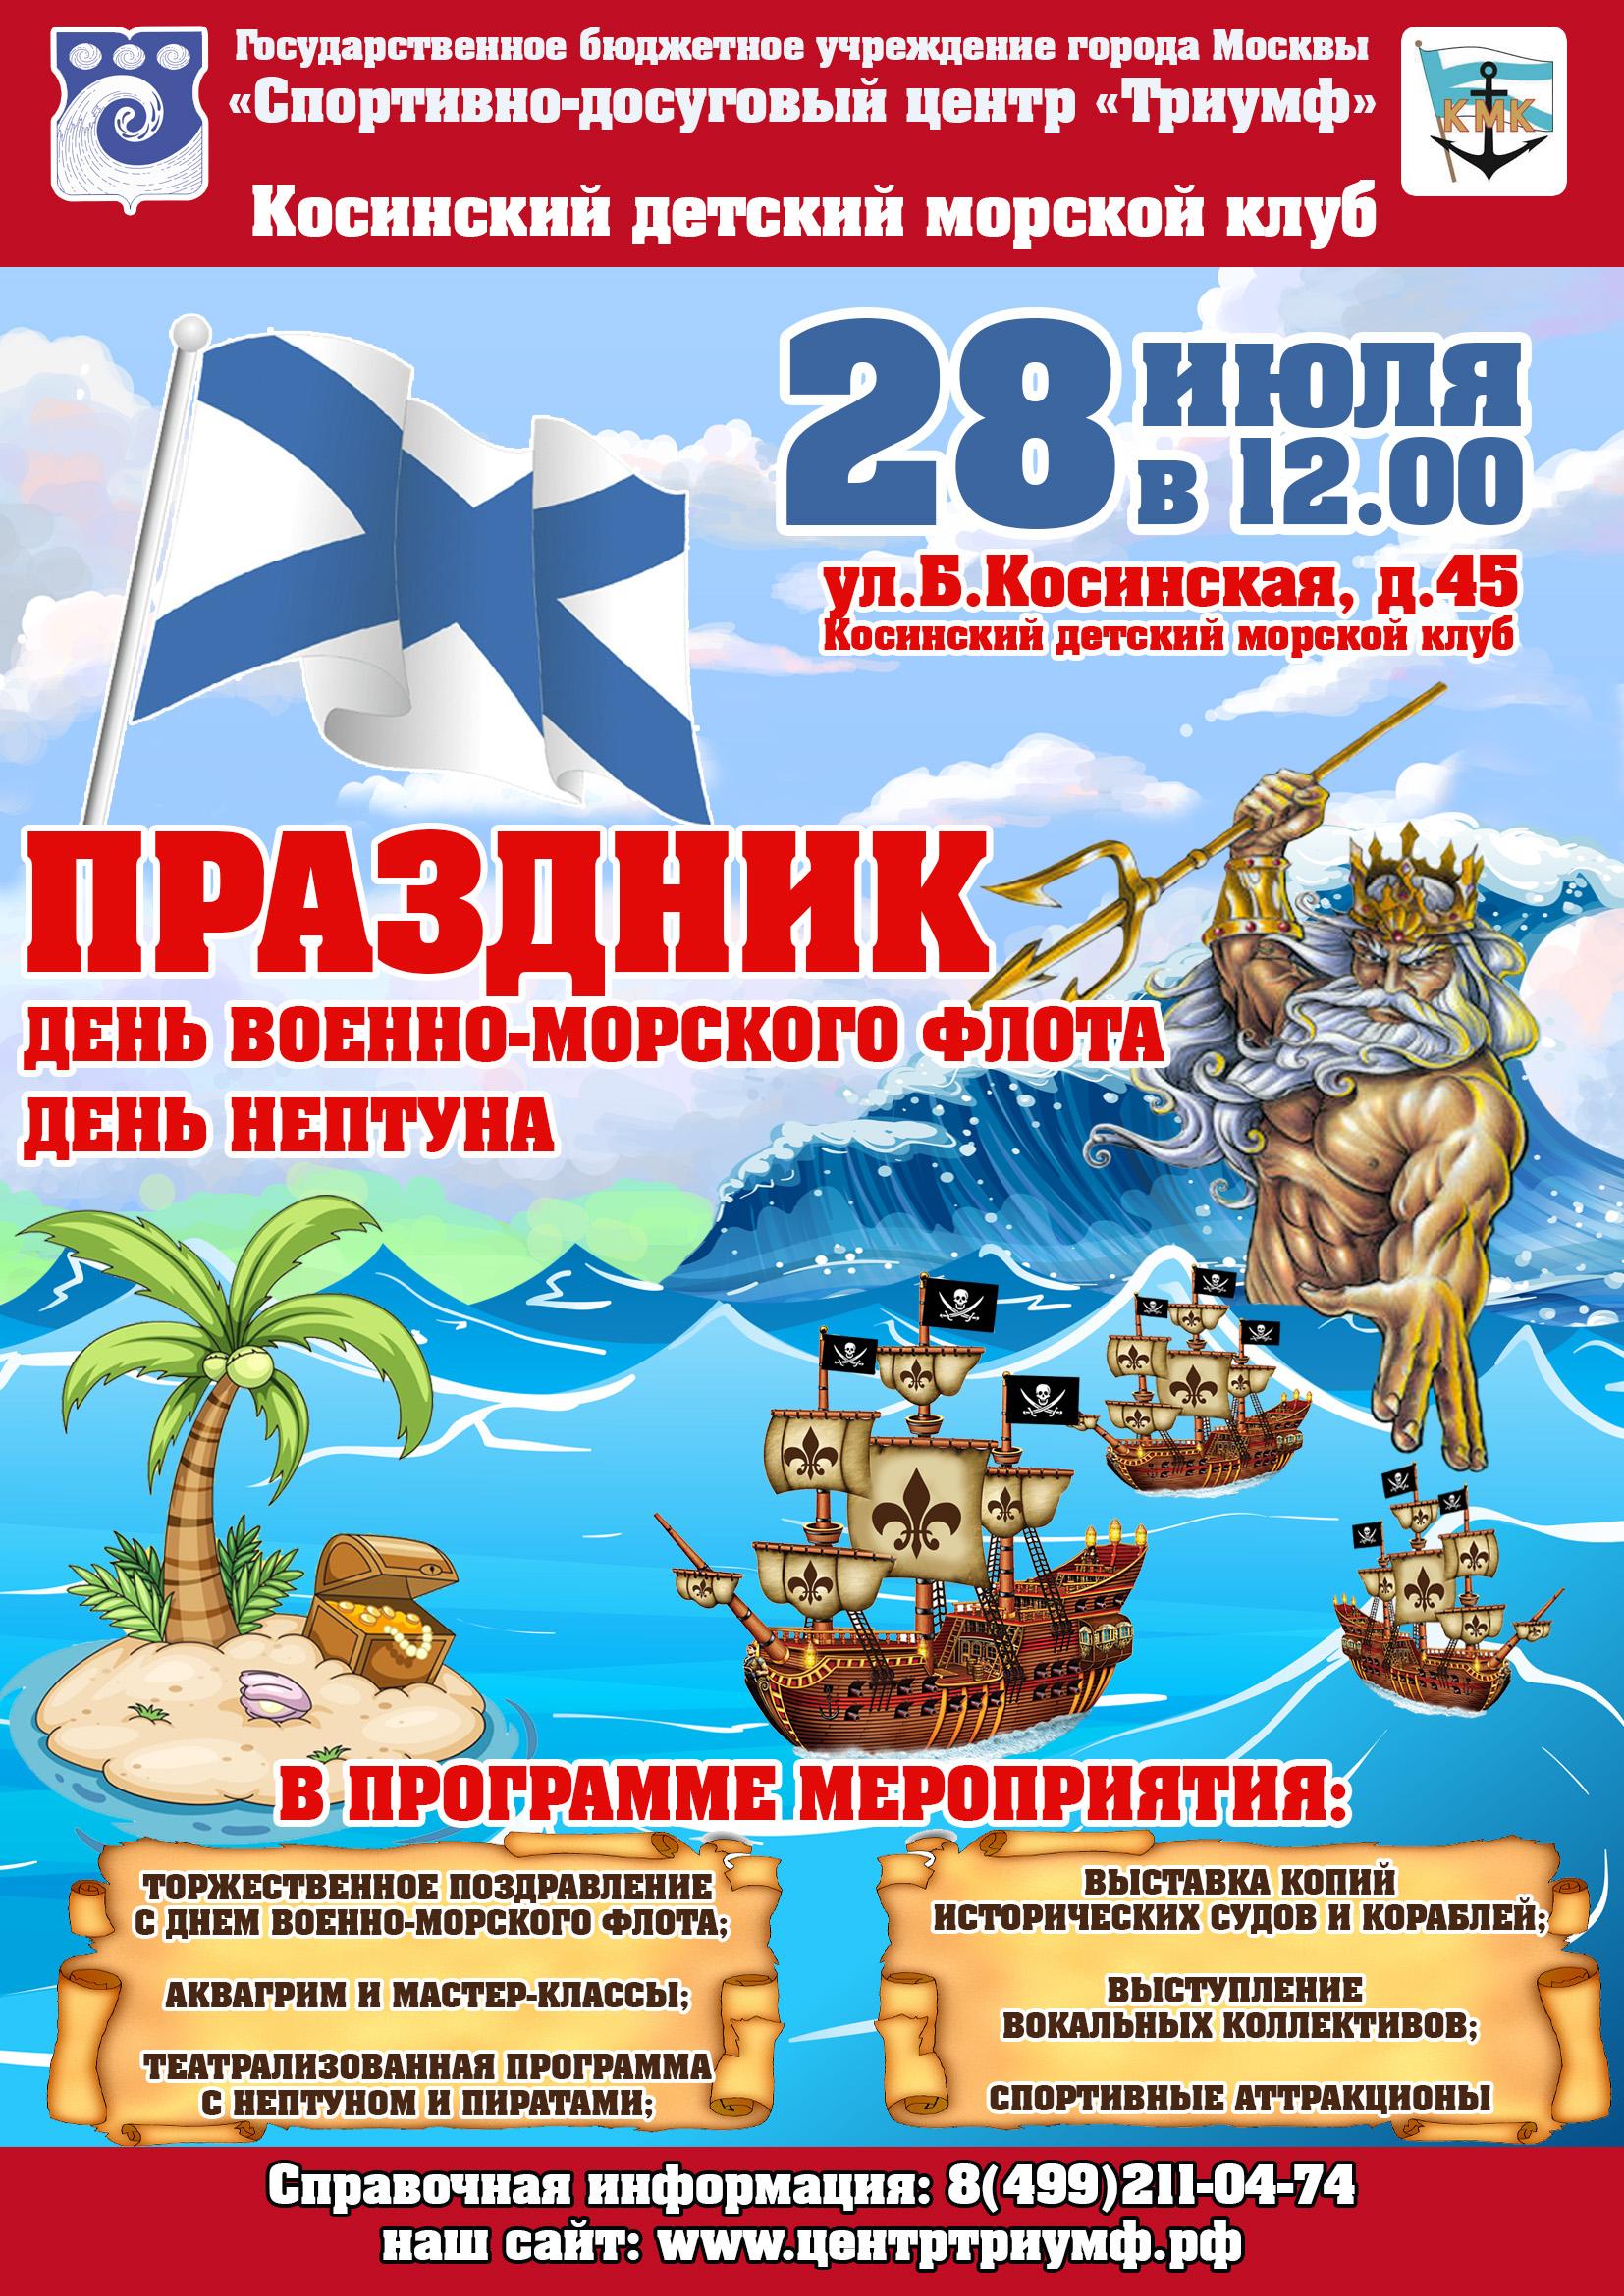 НЕПТУН 2019 - ВМФ